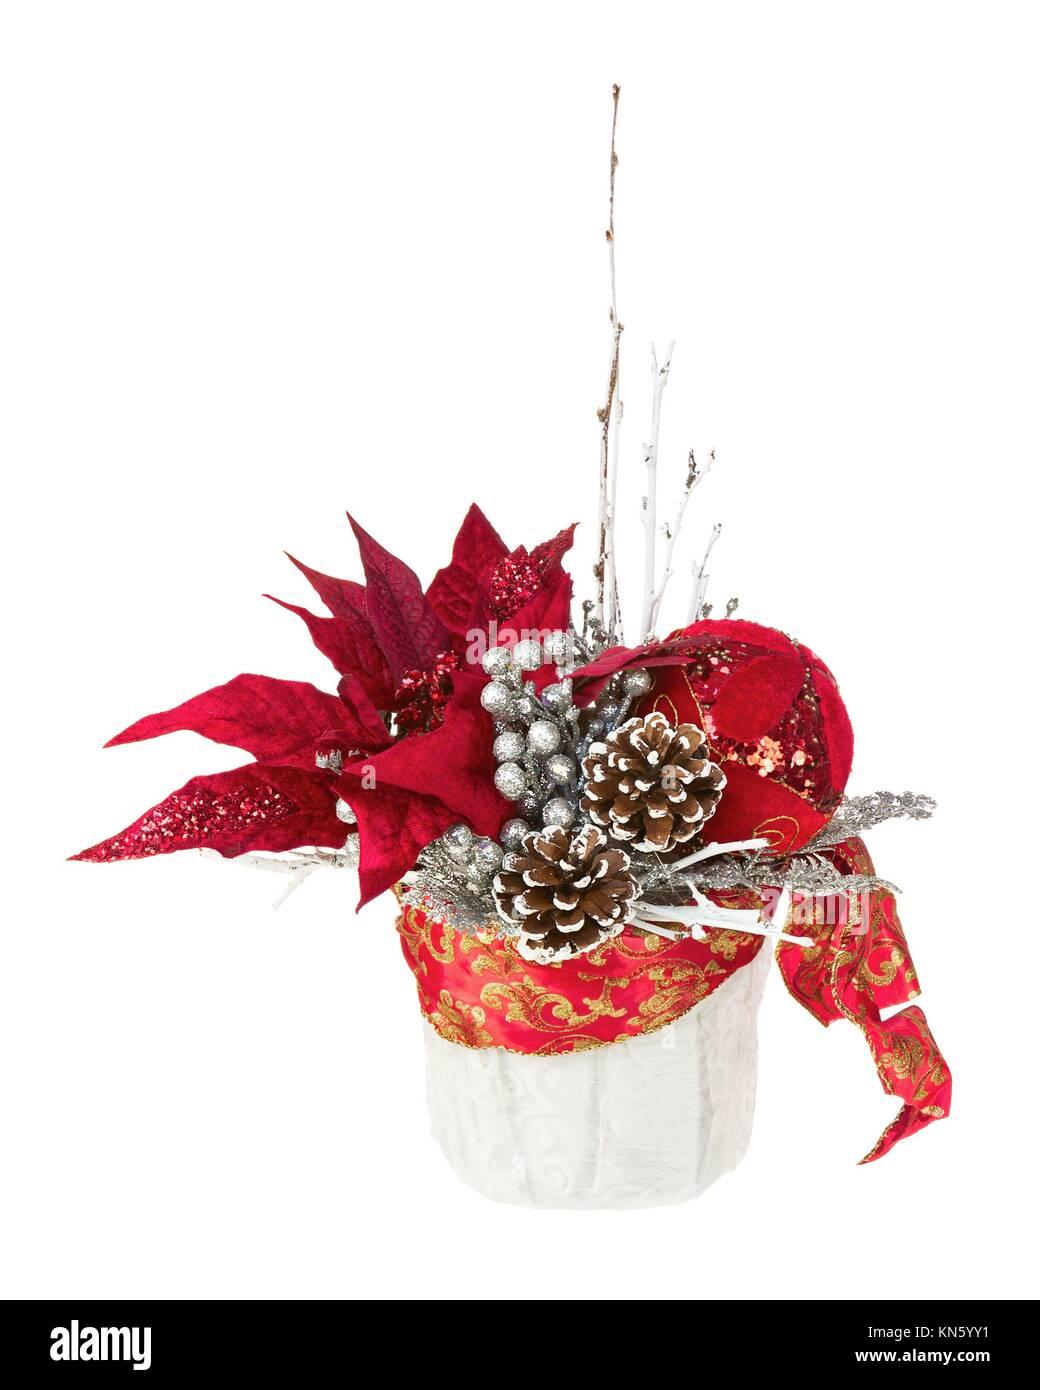 zusammensetzung von weihnachtsstern pflanze mit zweigen tannenzapfen b ndern und luftballons. Black Bedroom Furniture Sets. Home Design Ideas